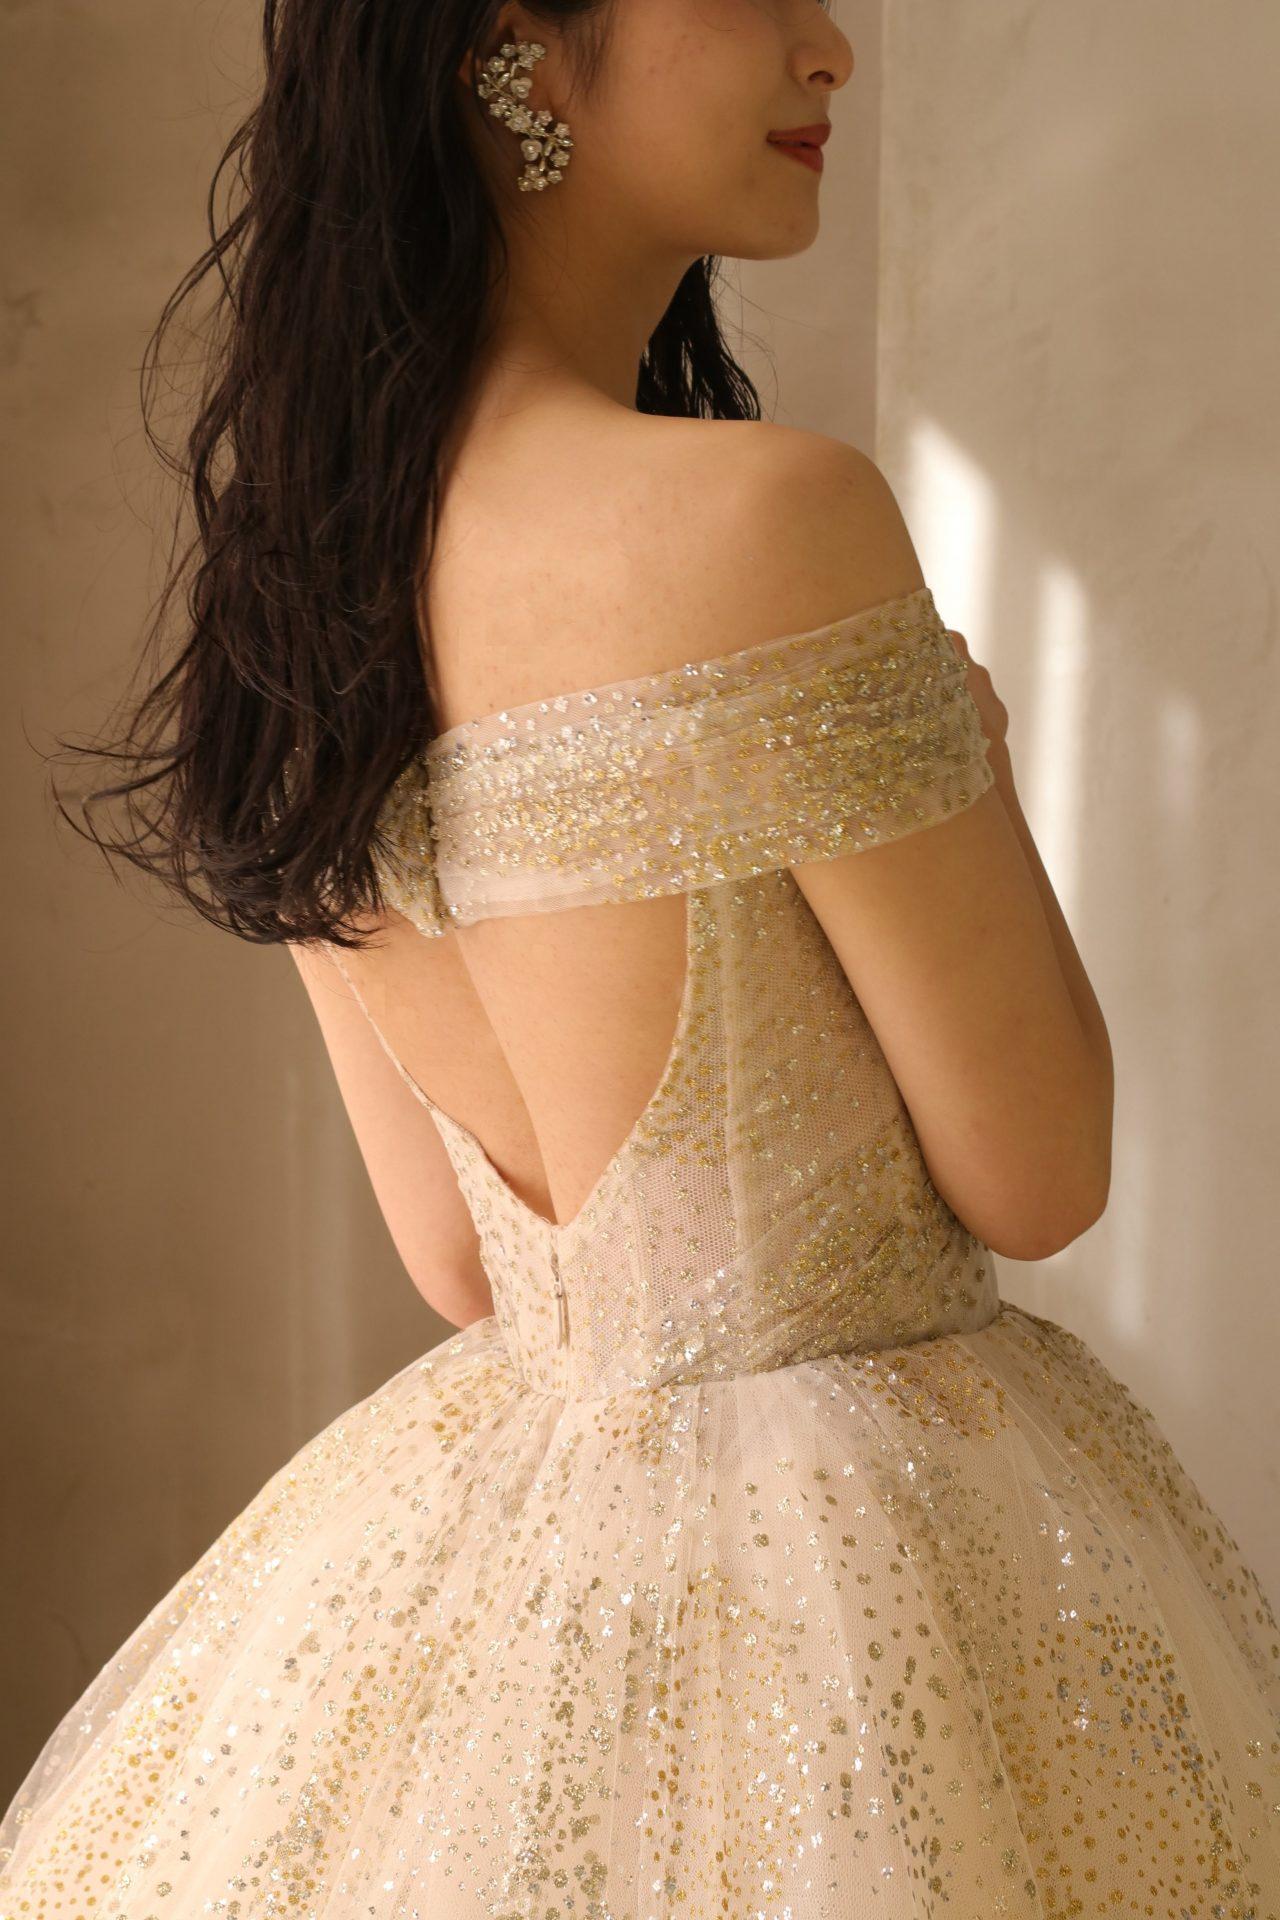 各国のセレブ御用達のブランド、モニーク・ルイリエのカラードレスは背中が大きく空いたバックコンシャスなデザインで後ろ姿の抜け感がおしゃれな花嫁様を引き立てる、ザ・トリート・ドレッシング アディション店のおすすめの1着です